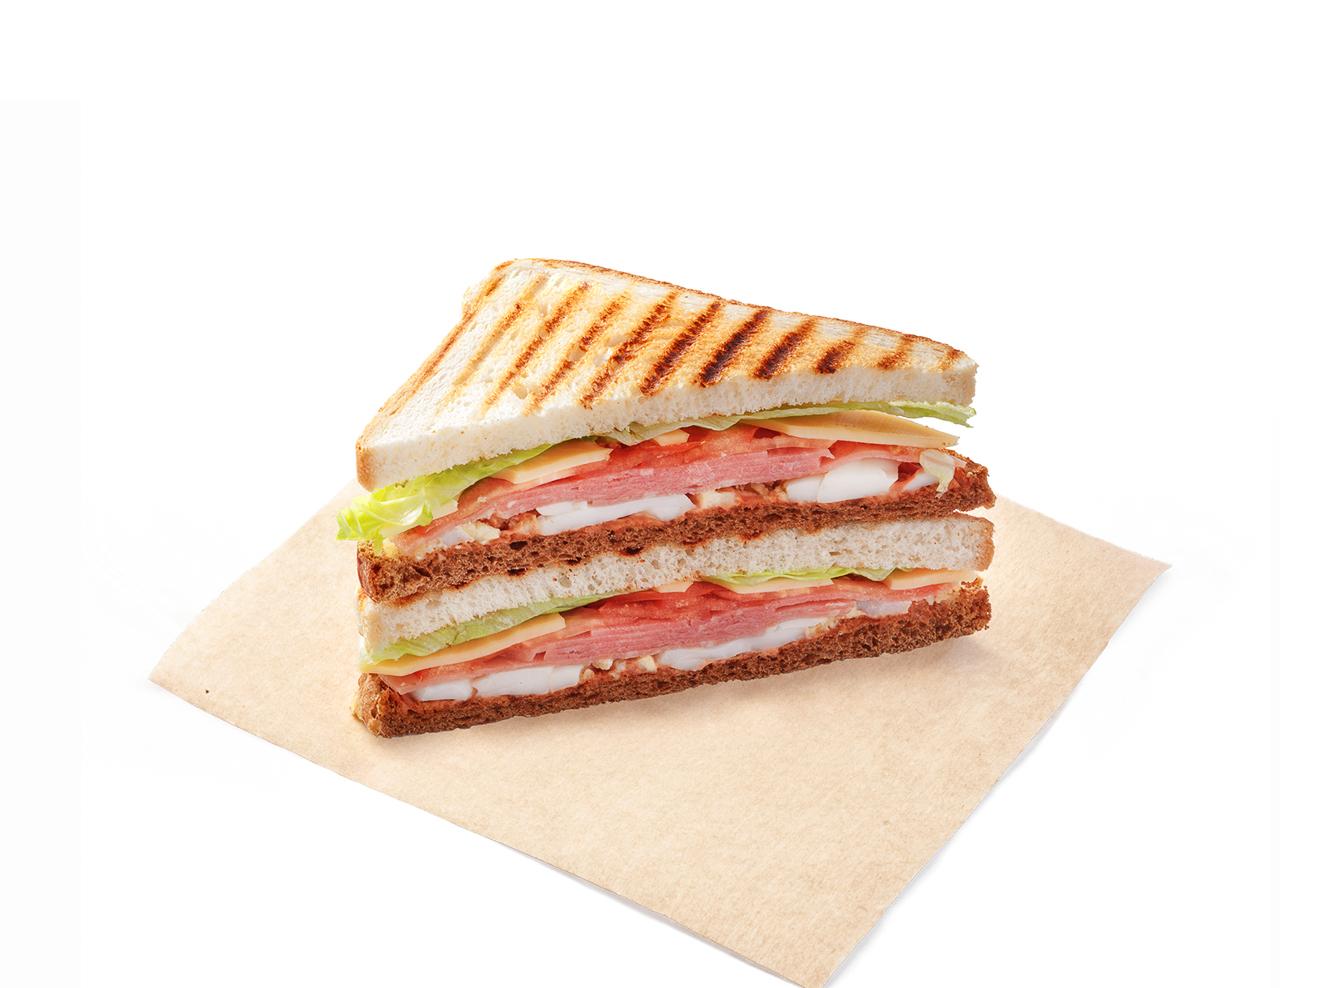 Сэндвич Блэк энд Уайт